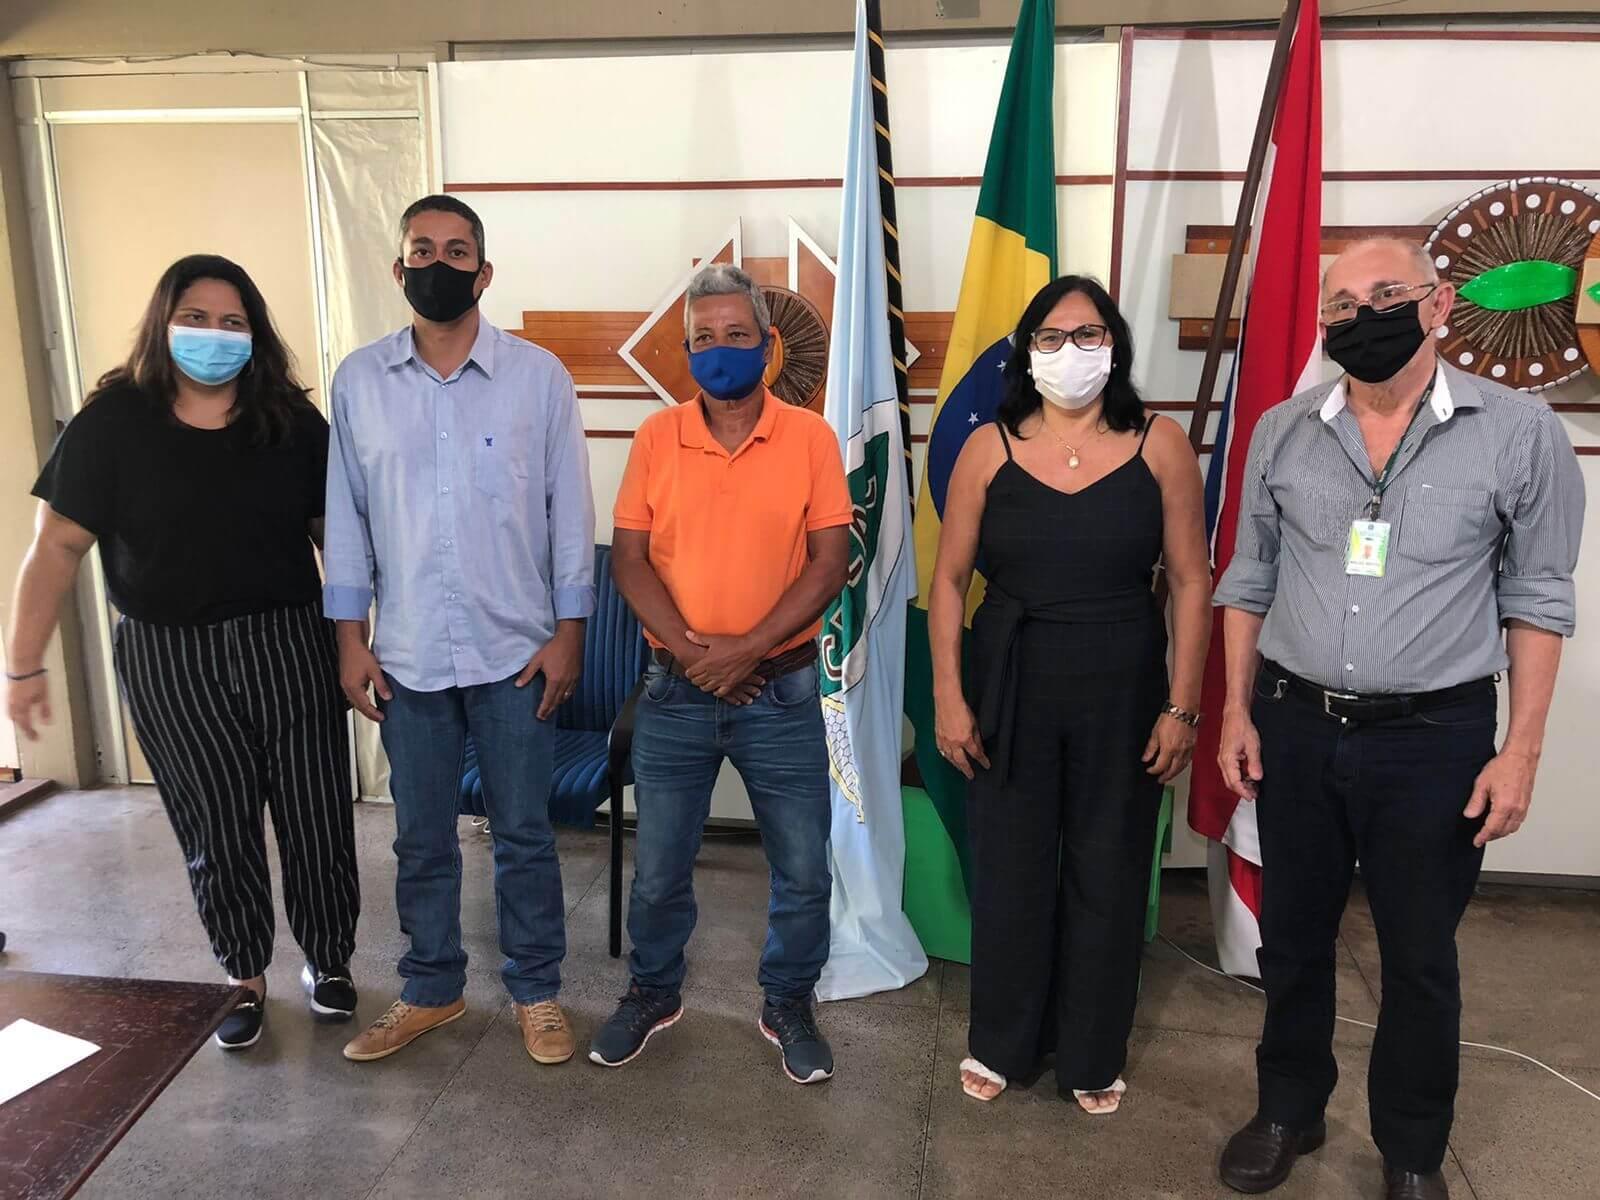 Prefeita de Guaratinga se reúne com representantes da Ceplac para discutir desenvolvimento agrícola no município 25